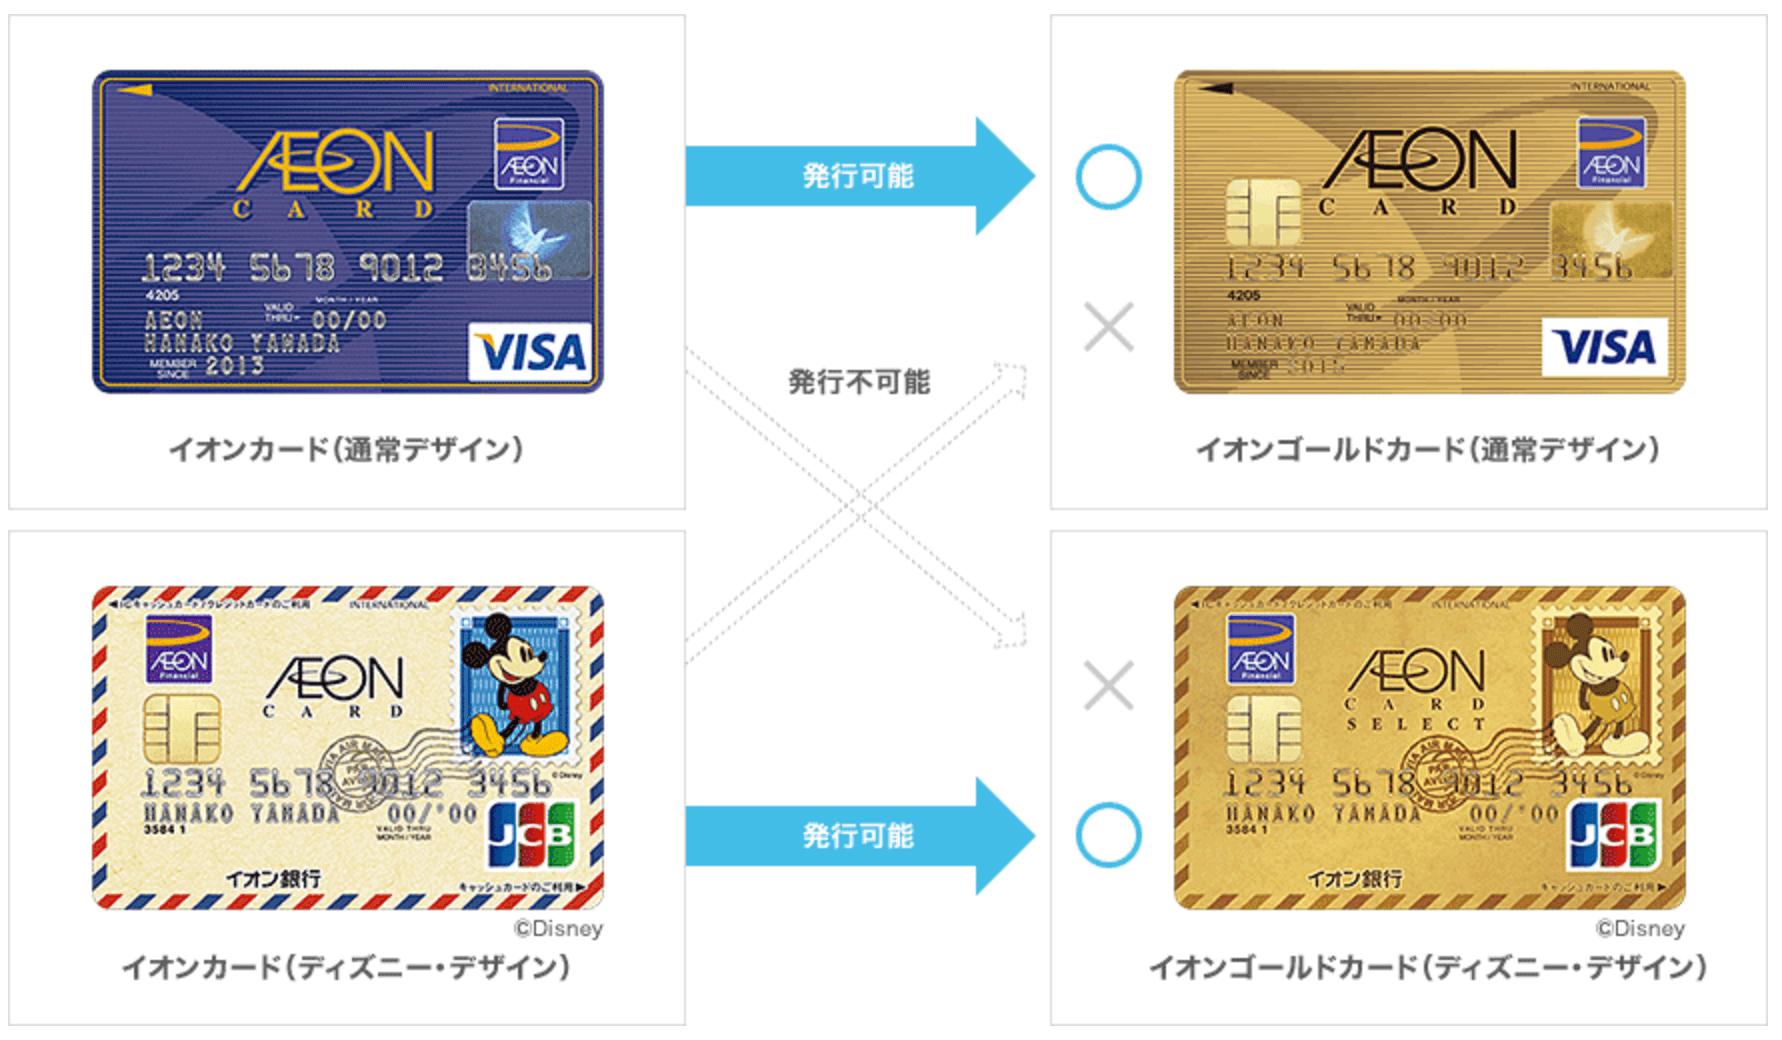 イオン ゴールドカードは違うデザインに変更して発行不可能